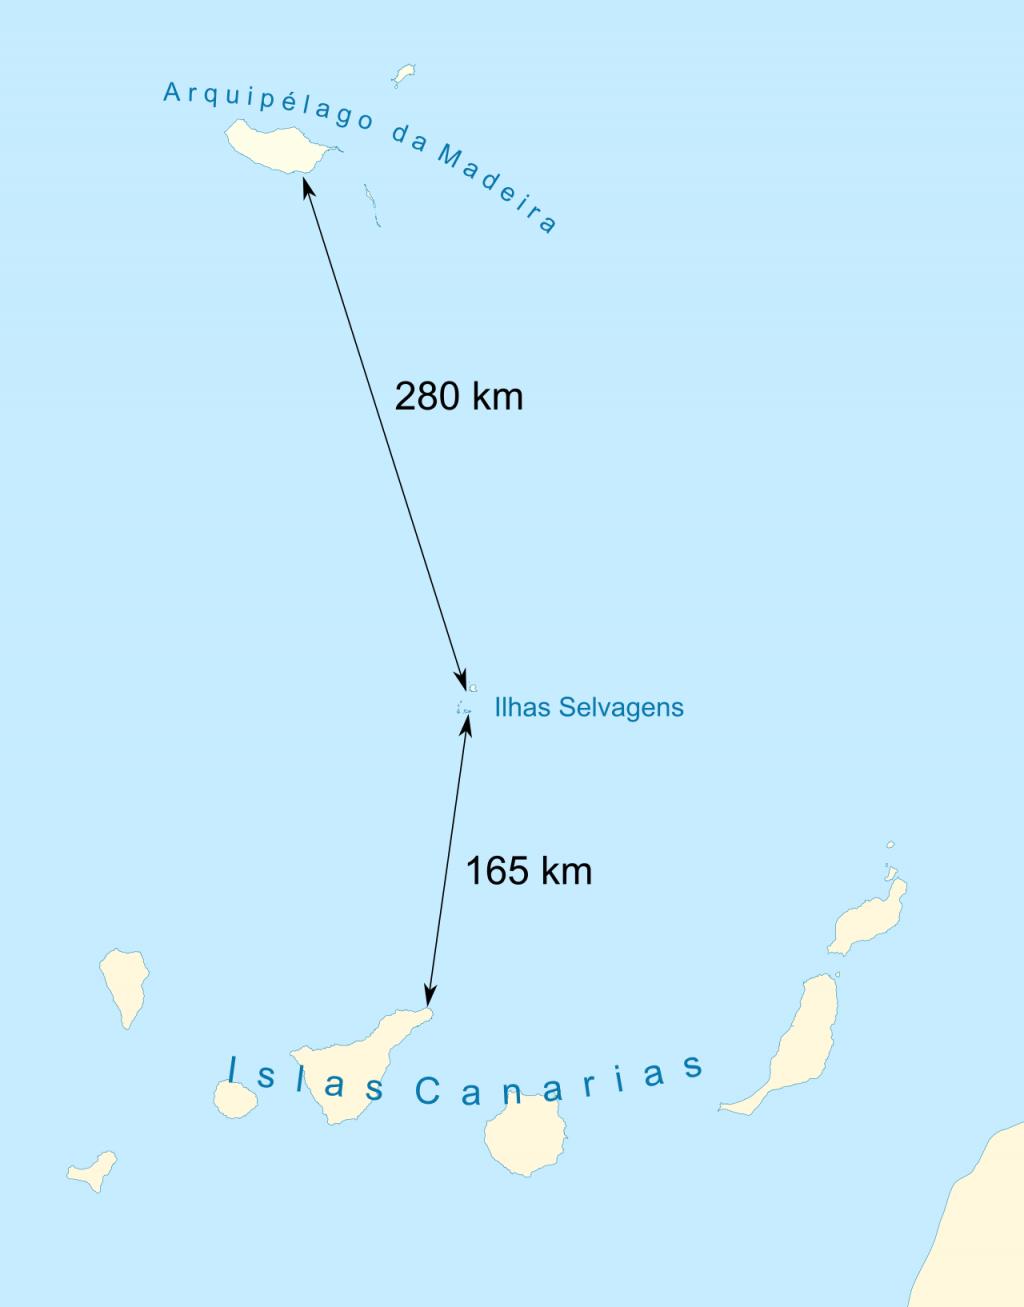 De Selvagens-eilanden. Ze liggen tussen de Madeira-eilanden en de Canarische Eilanden. Afbeelding: Wiltron (via Wikimedia Commons).